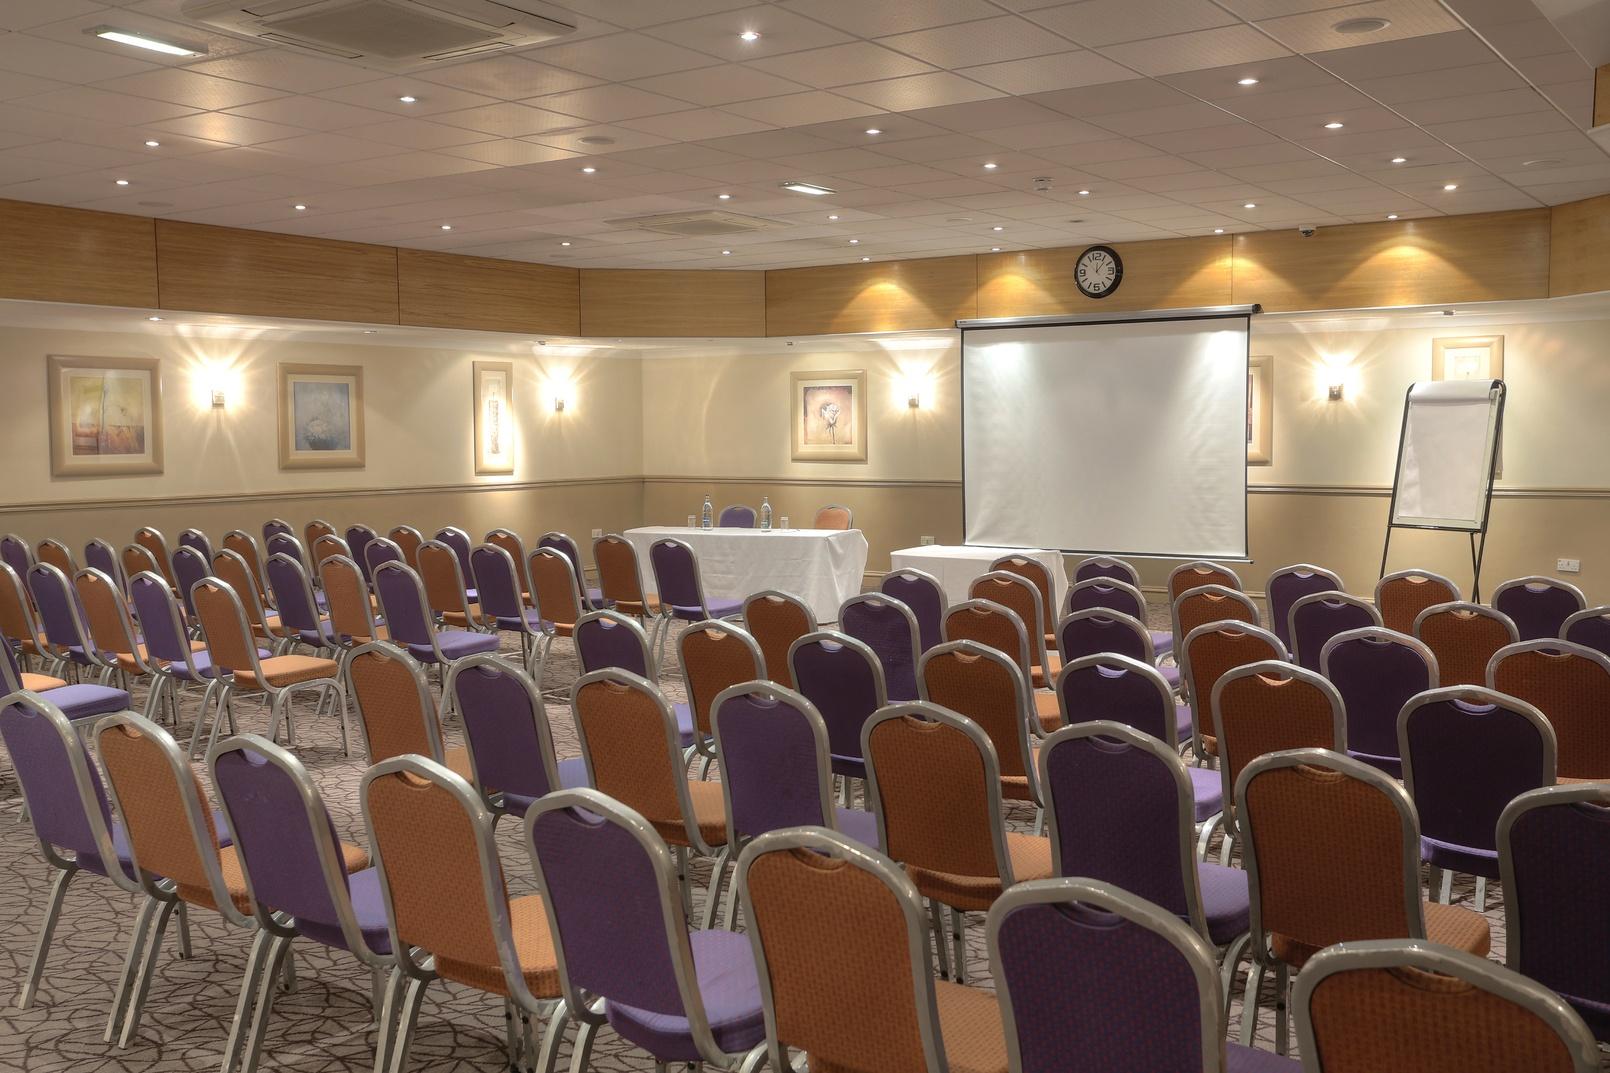 cresta-court-hotel-meeting-space-25-83373-1.jpg